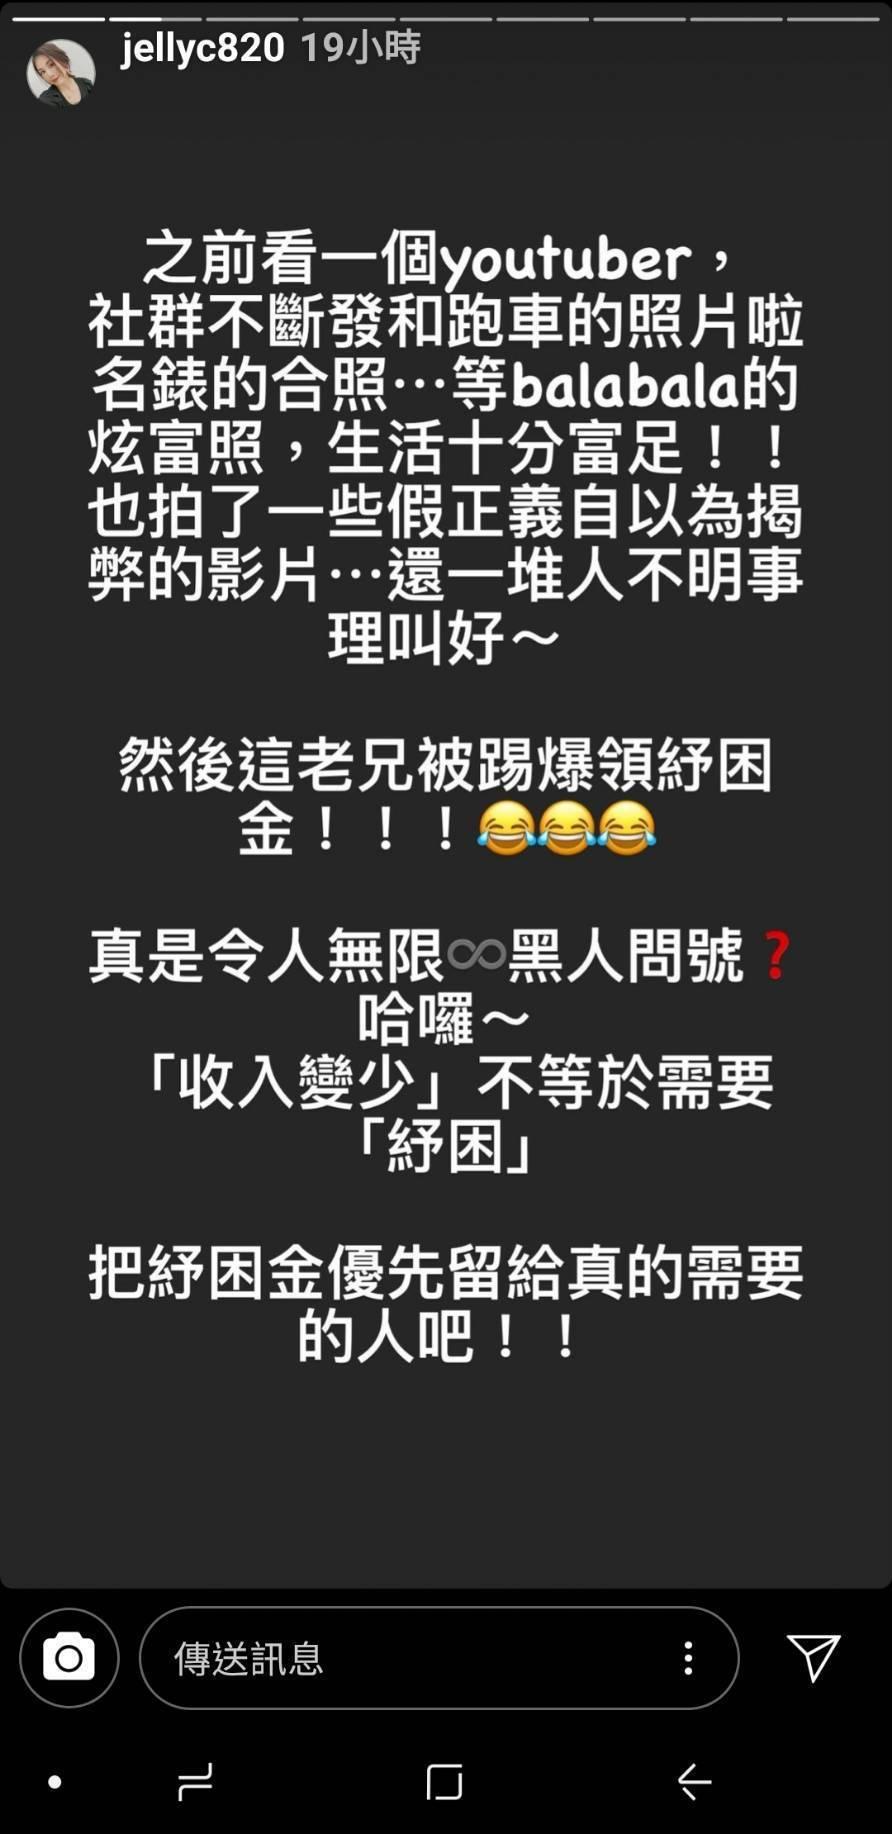 楊晨熙在IG發文,不滿某網紅愛炫富又領紓困金。圖/摘自IG